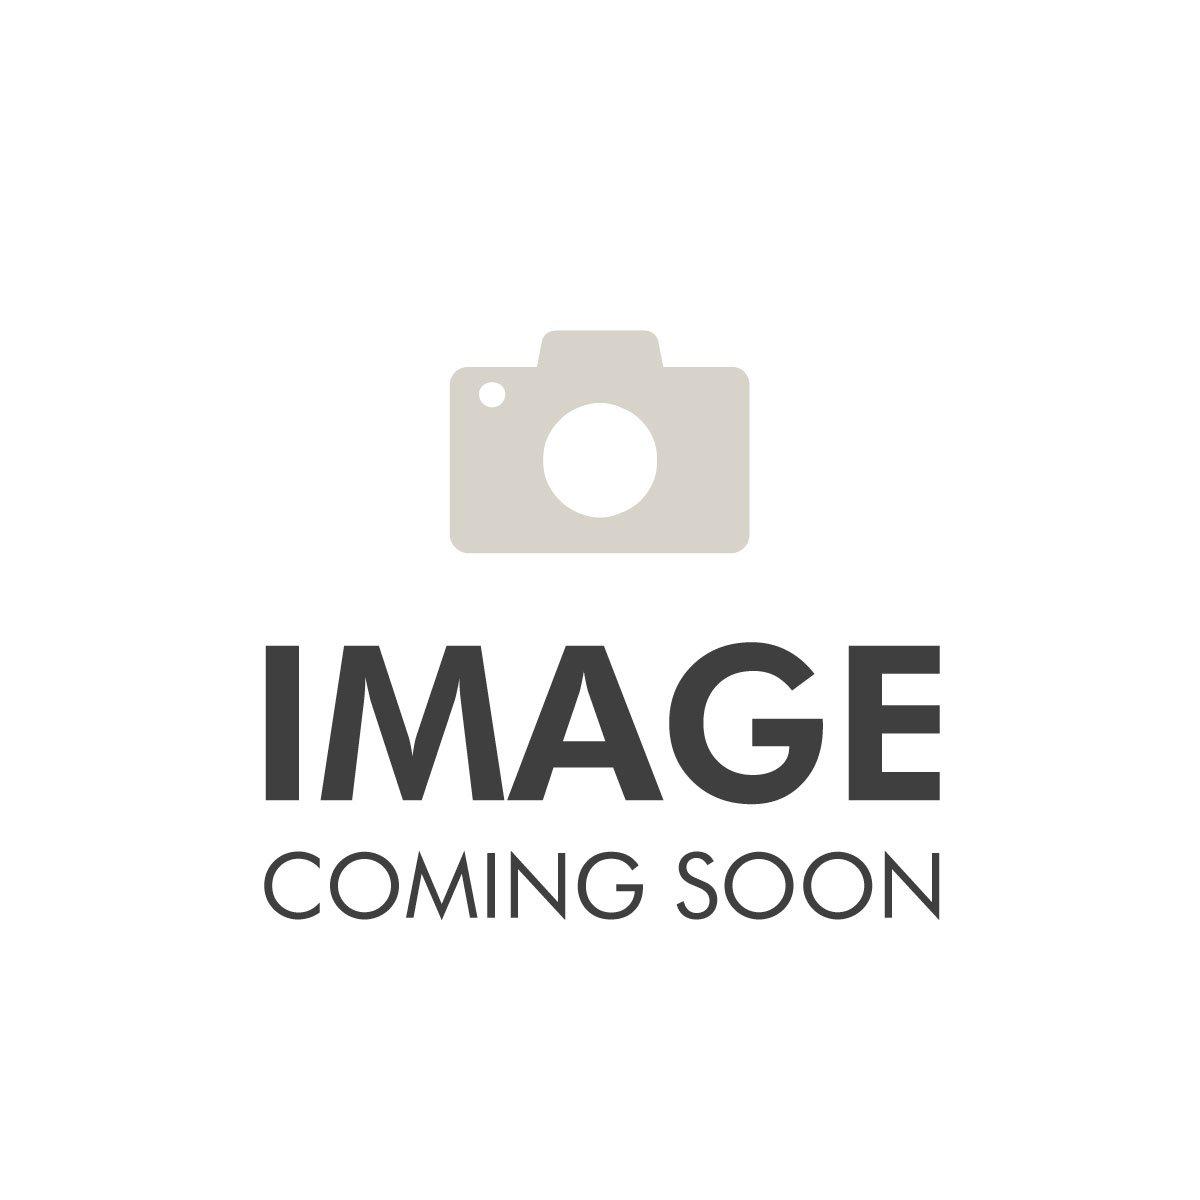 L'Oreal Color Riche Lipstick - 335 Carmin St Germain